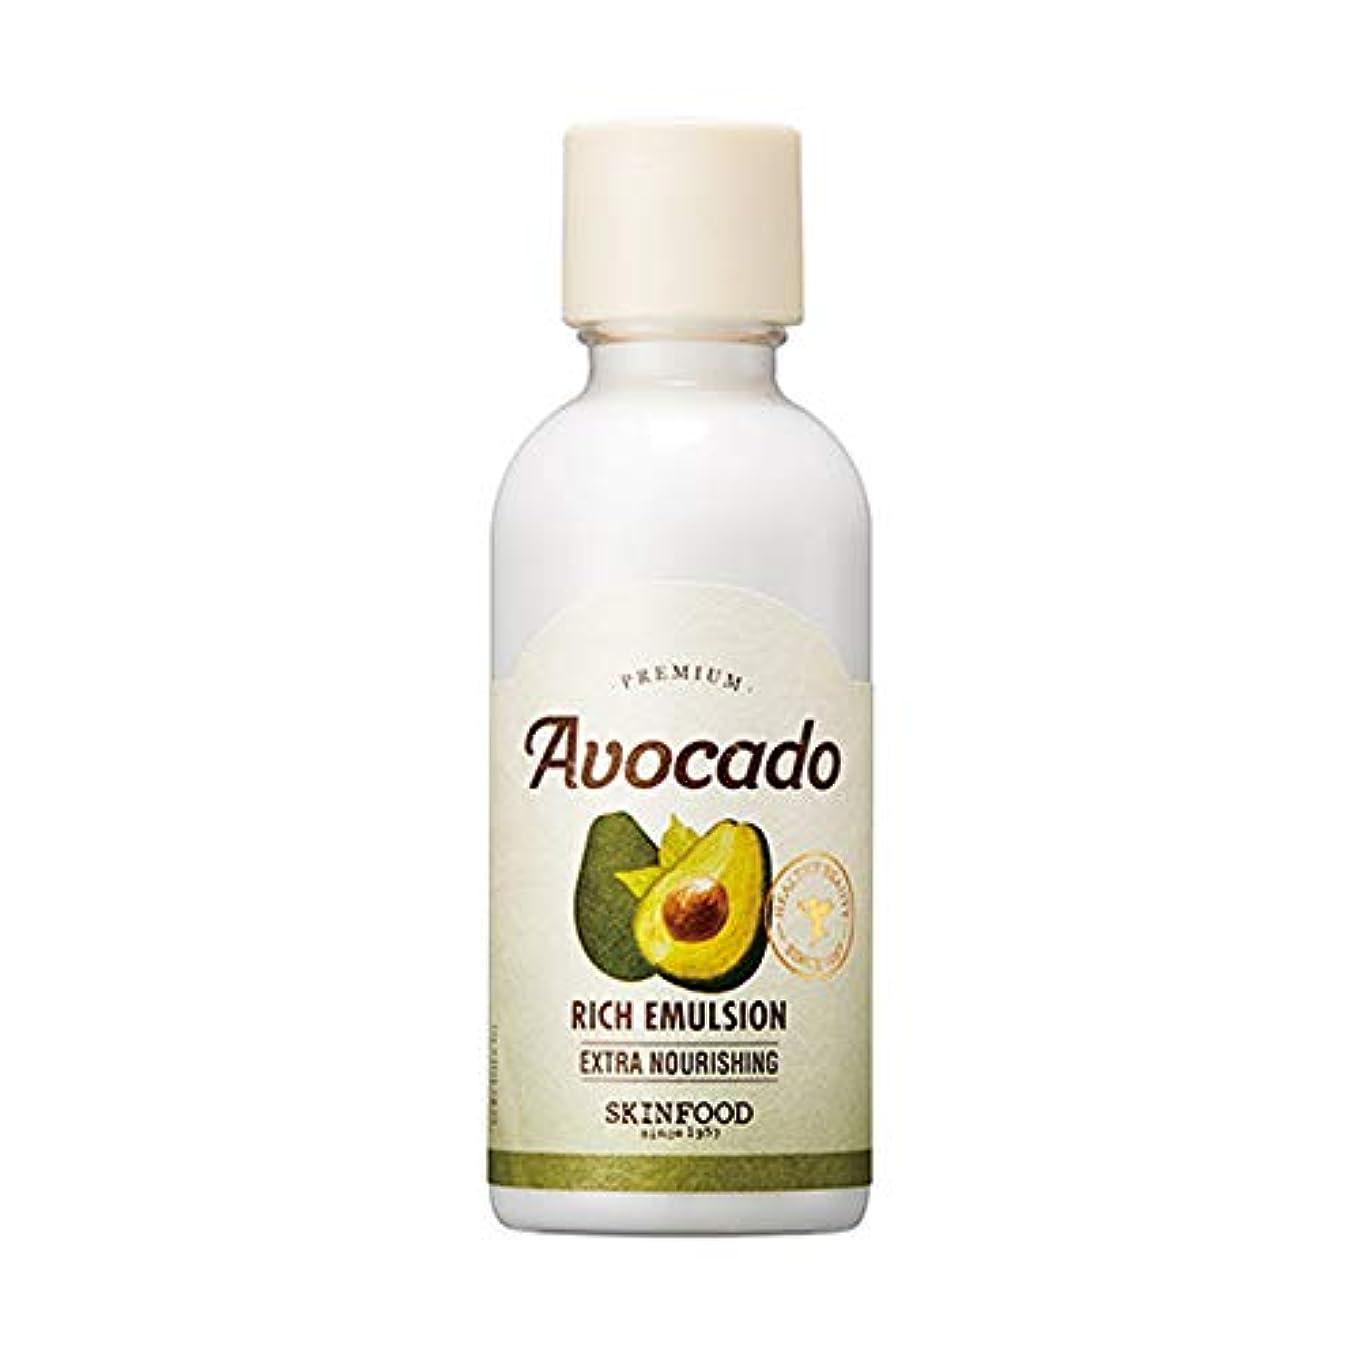 作りますひどい人質Skinfood プレミアムアボカドリッチエマルジョン/Premium Avocado Rich Emulsion 160ml [並行輸入品]